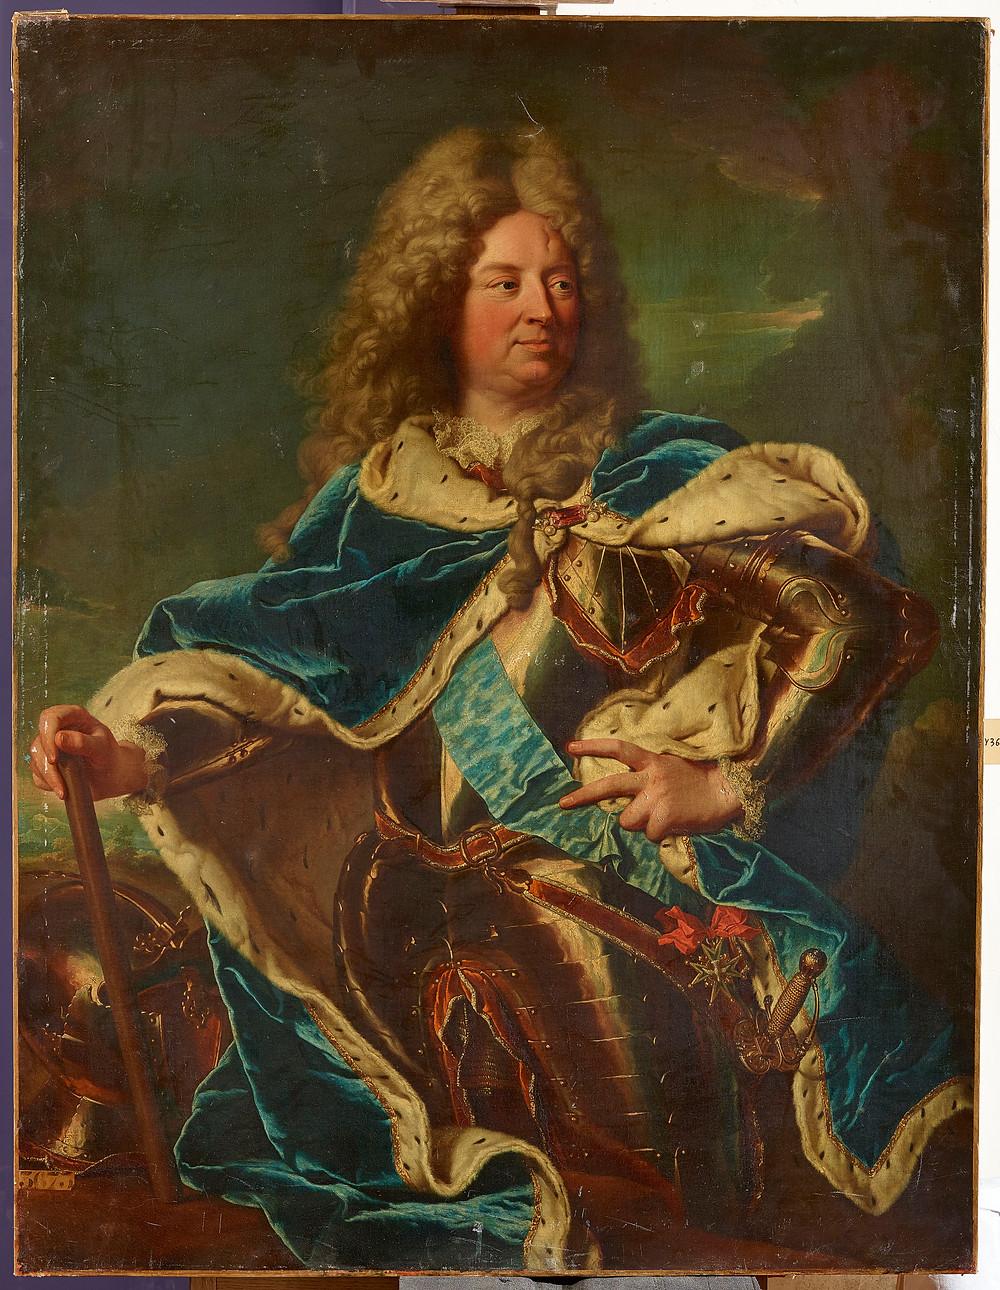 Anonyme d'après Hyacinthe Rigaud, Portrait de Louis Antoine de Pardaillan de Gondrin, duc d'Antin, après 1724, Versailles, musée national du Château et des Trianons